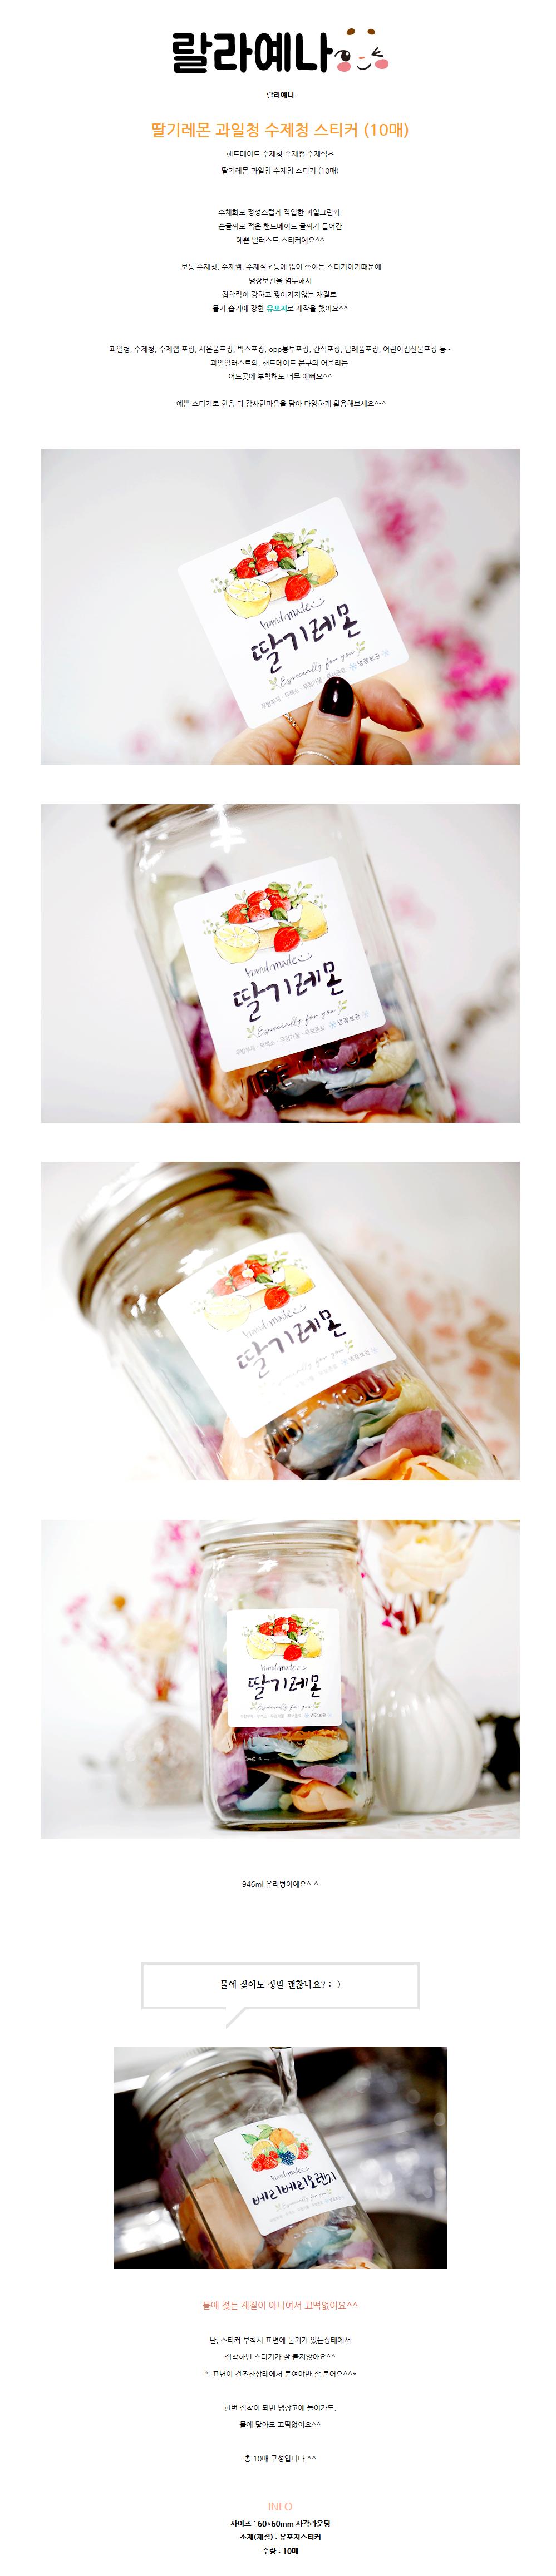 No.61 딸기레몬 과일청 수제청 스티커 (10매) - 랄라예나, 1,200원, 스티커, 포인트데코스티커